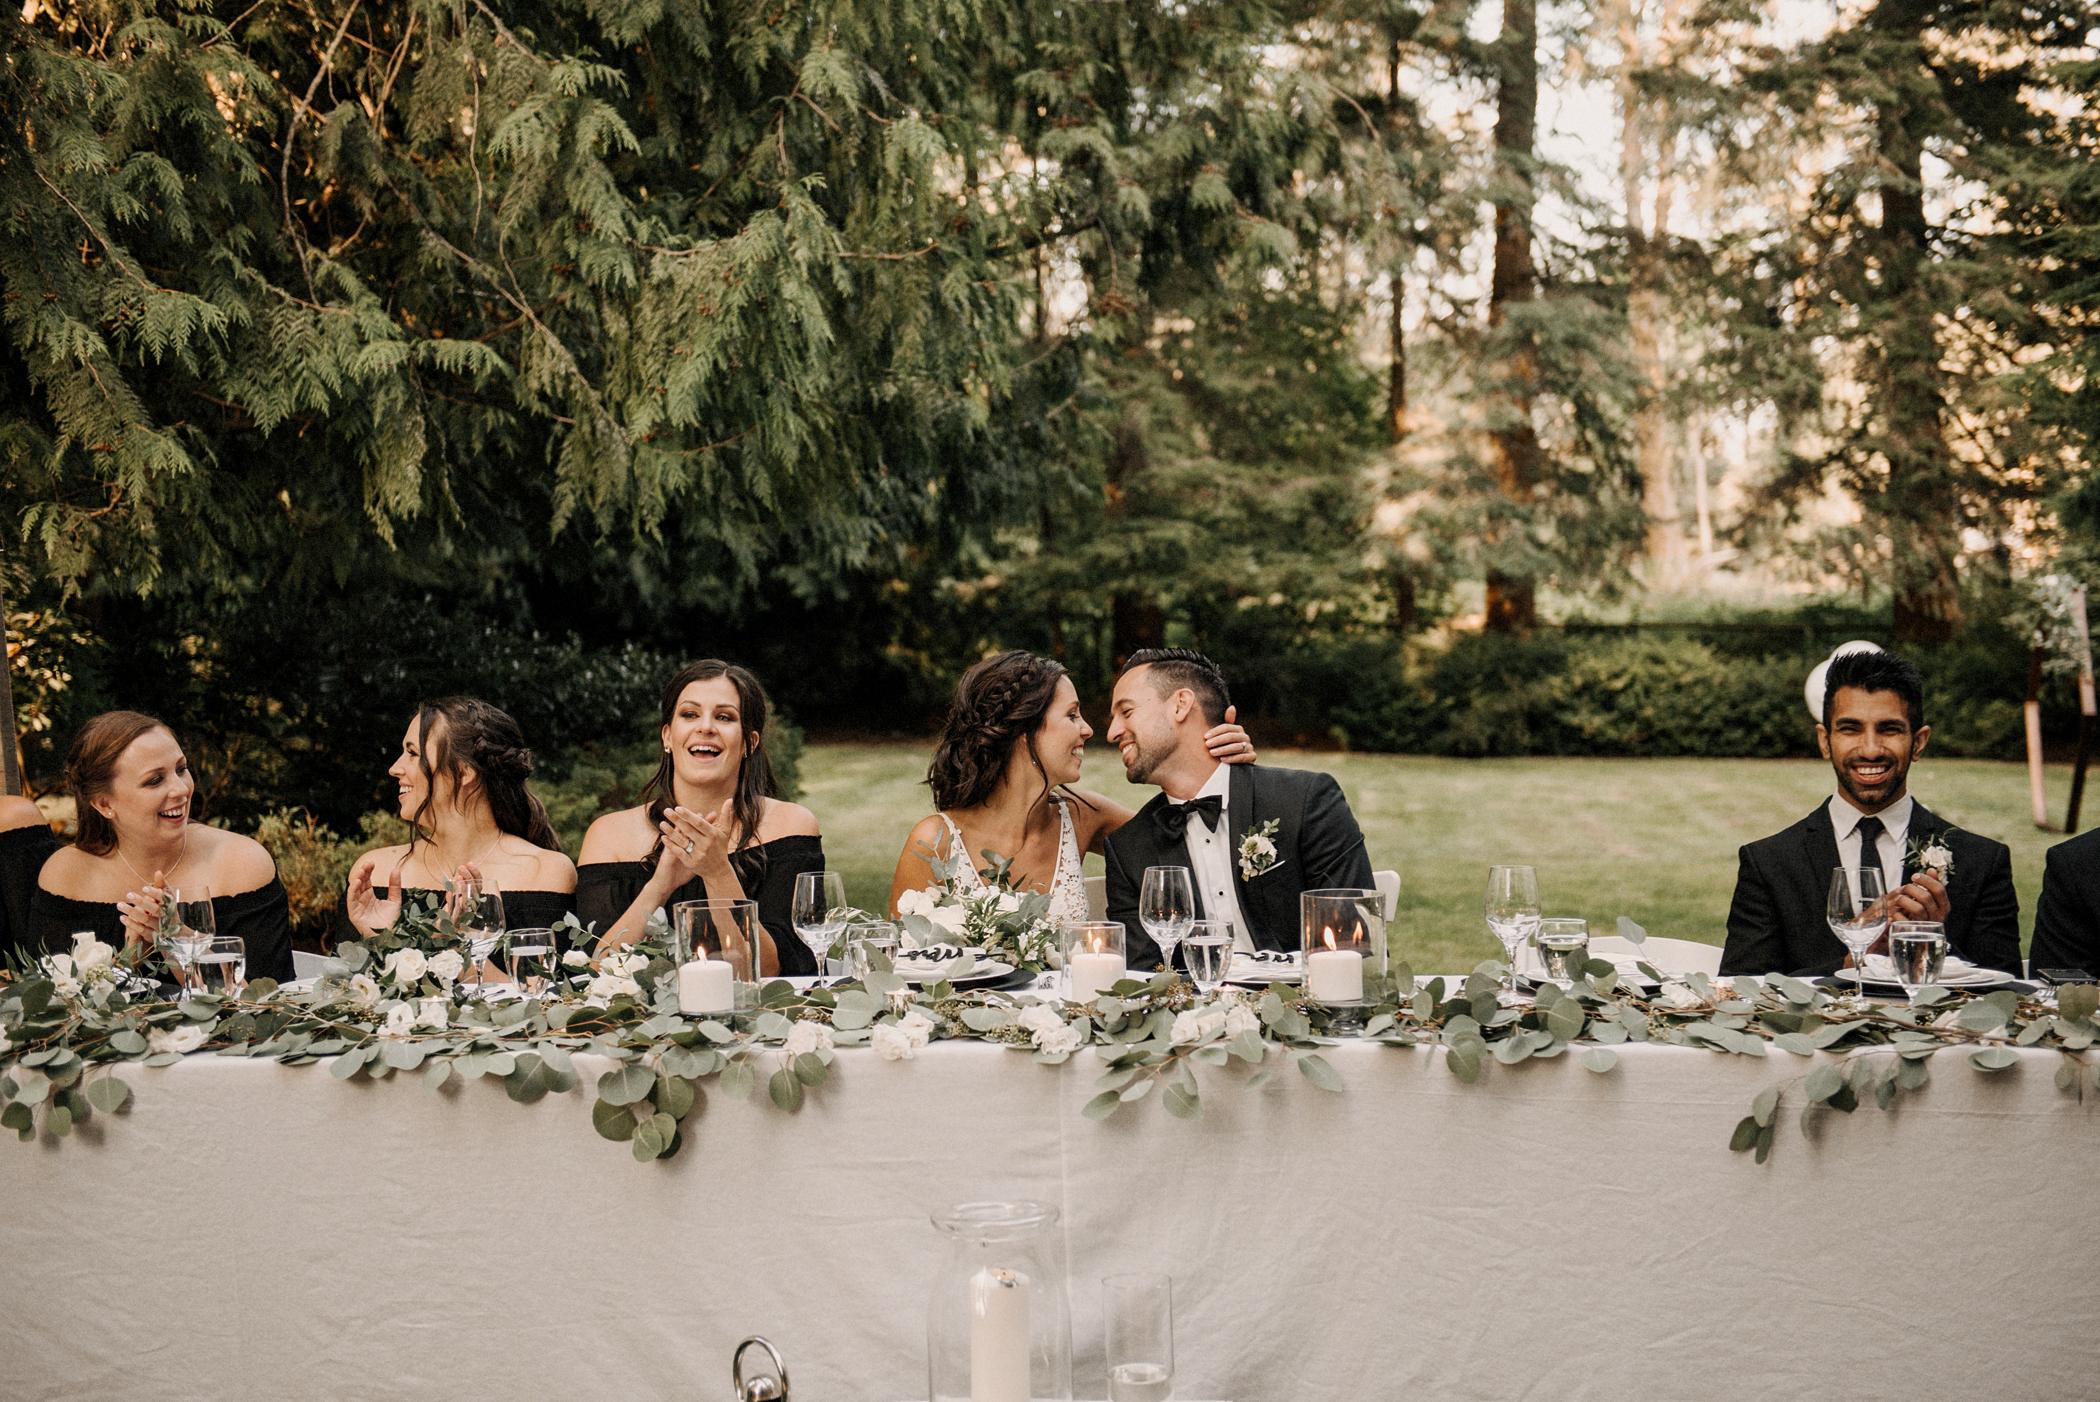 076-kaoverii-silva-KR-wedding-vancouver-photography-blog.png